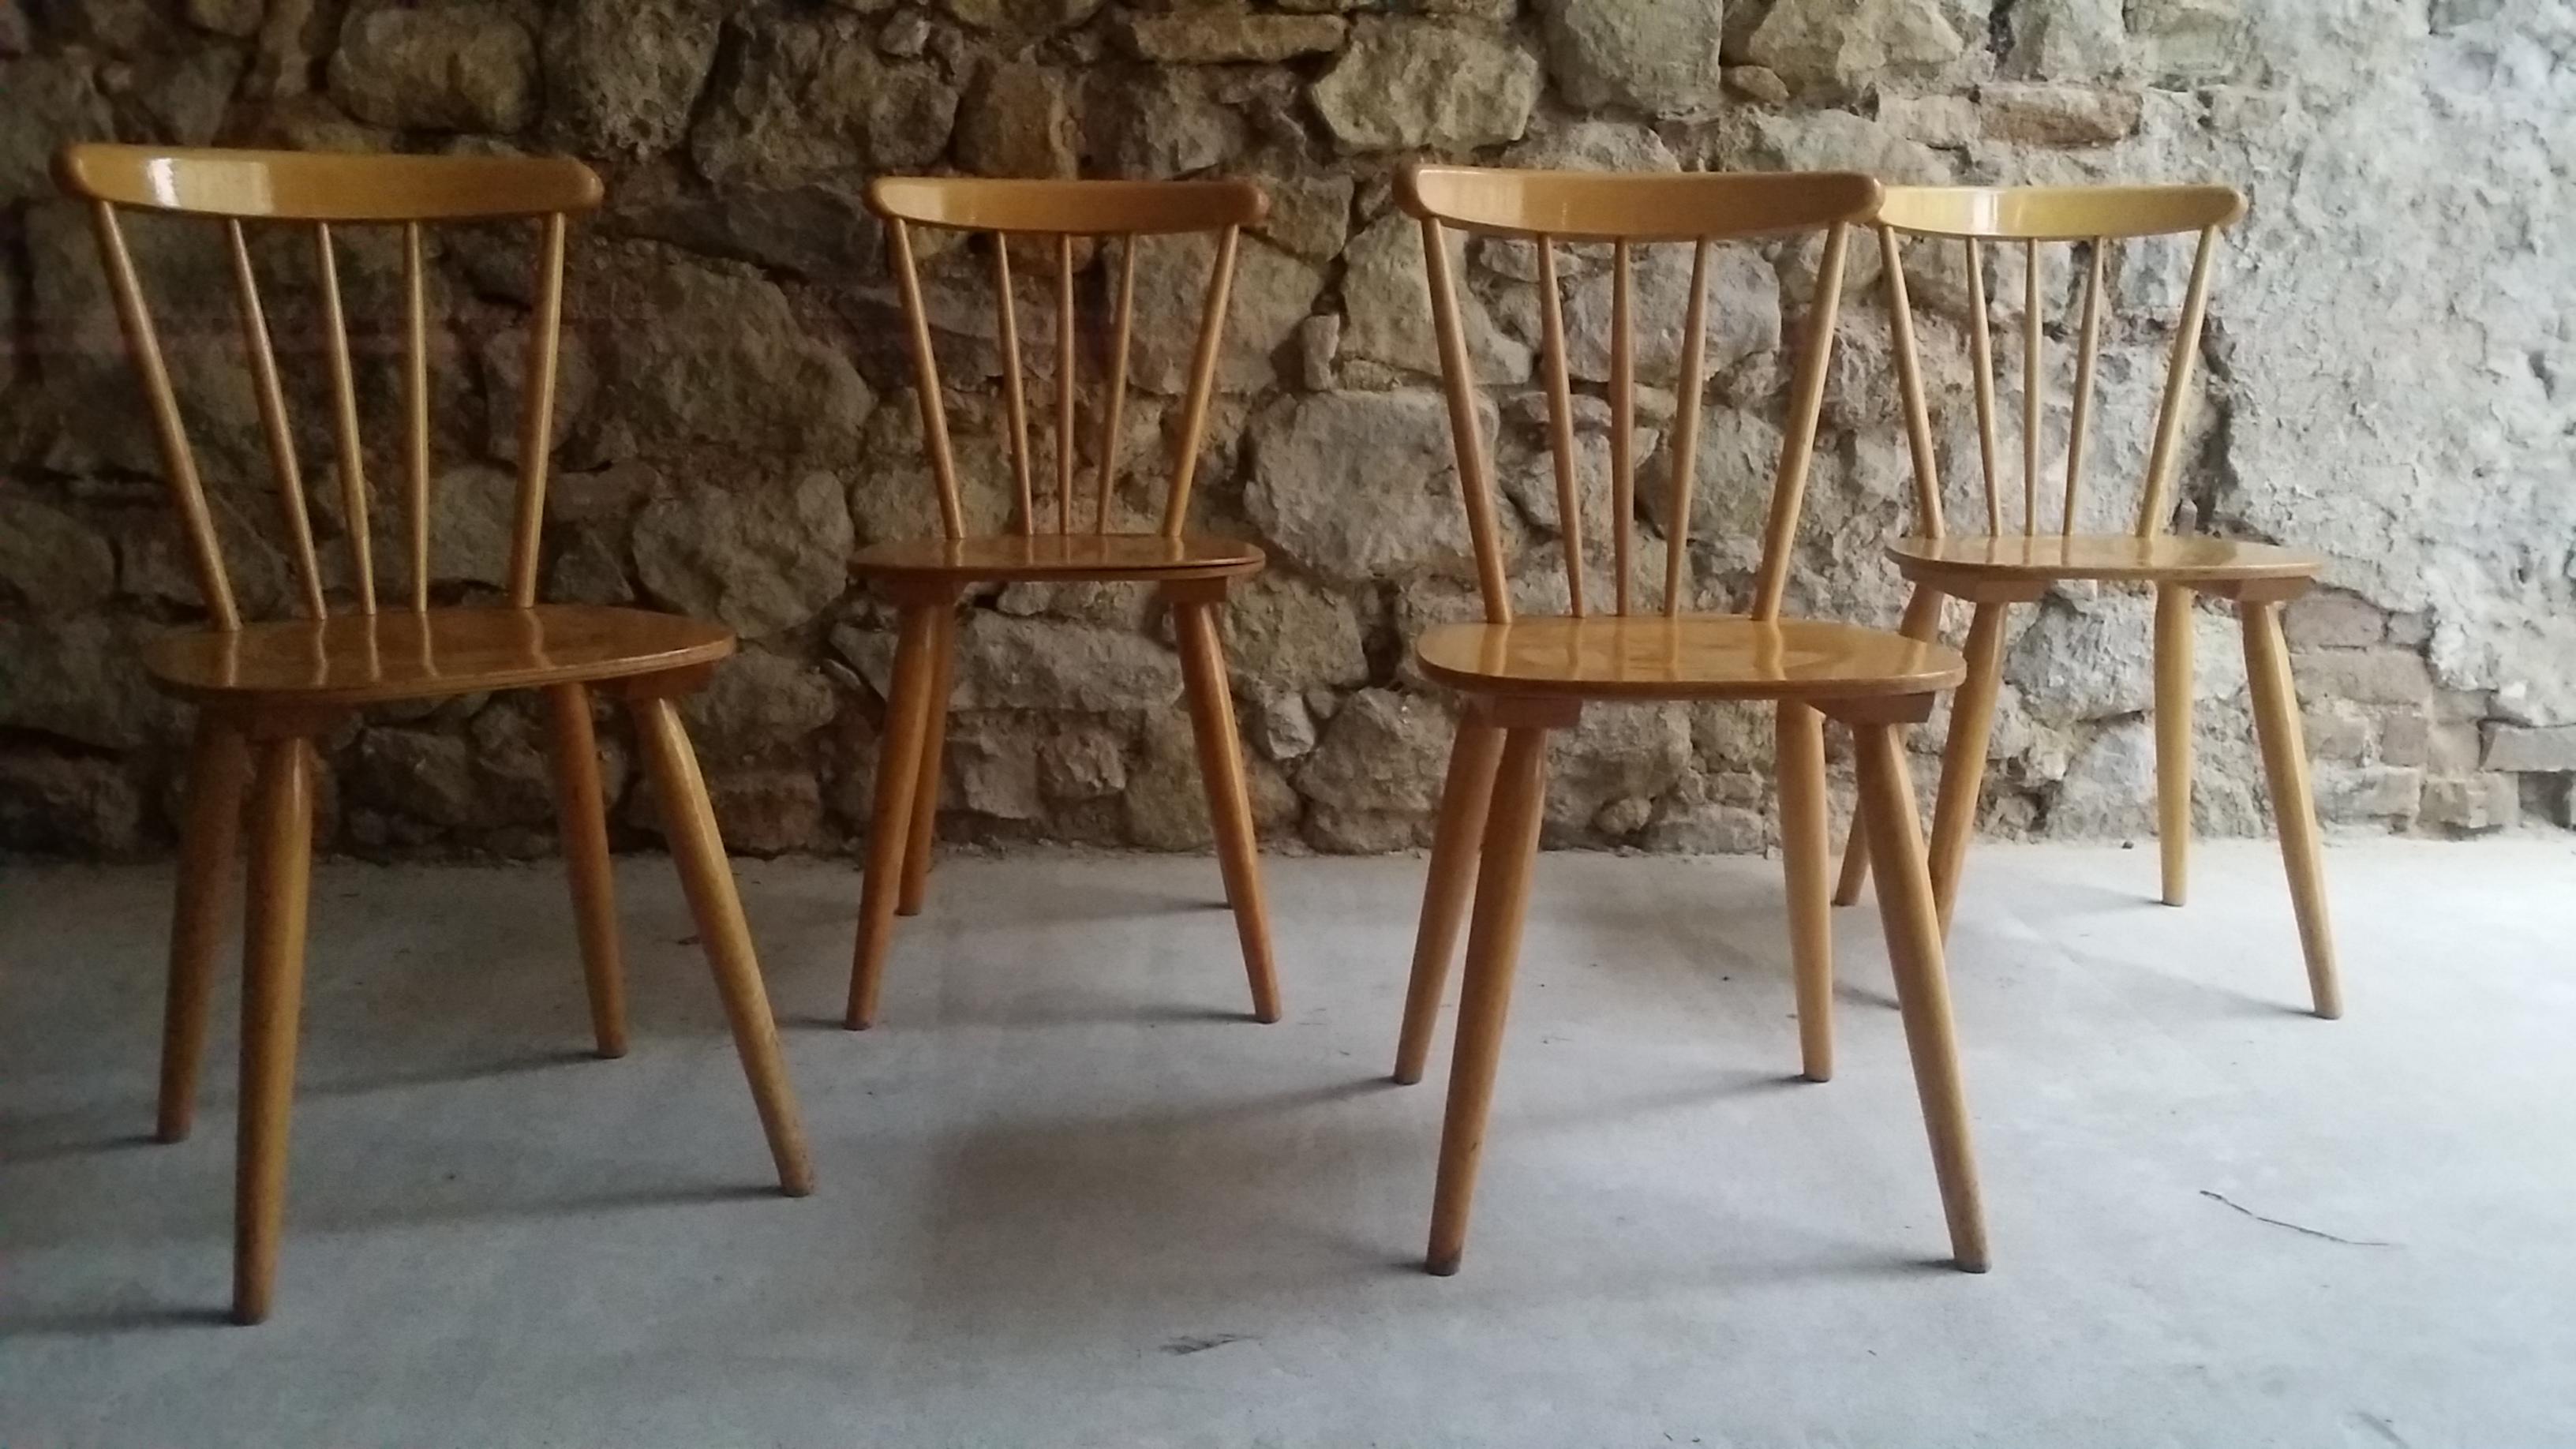 Gebrauchte Hoz Stühle alt Mid Century Modern Used Chair Eames (6)